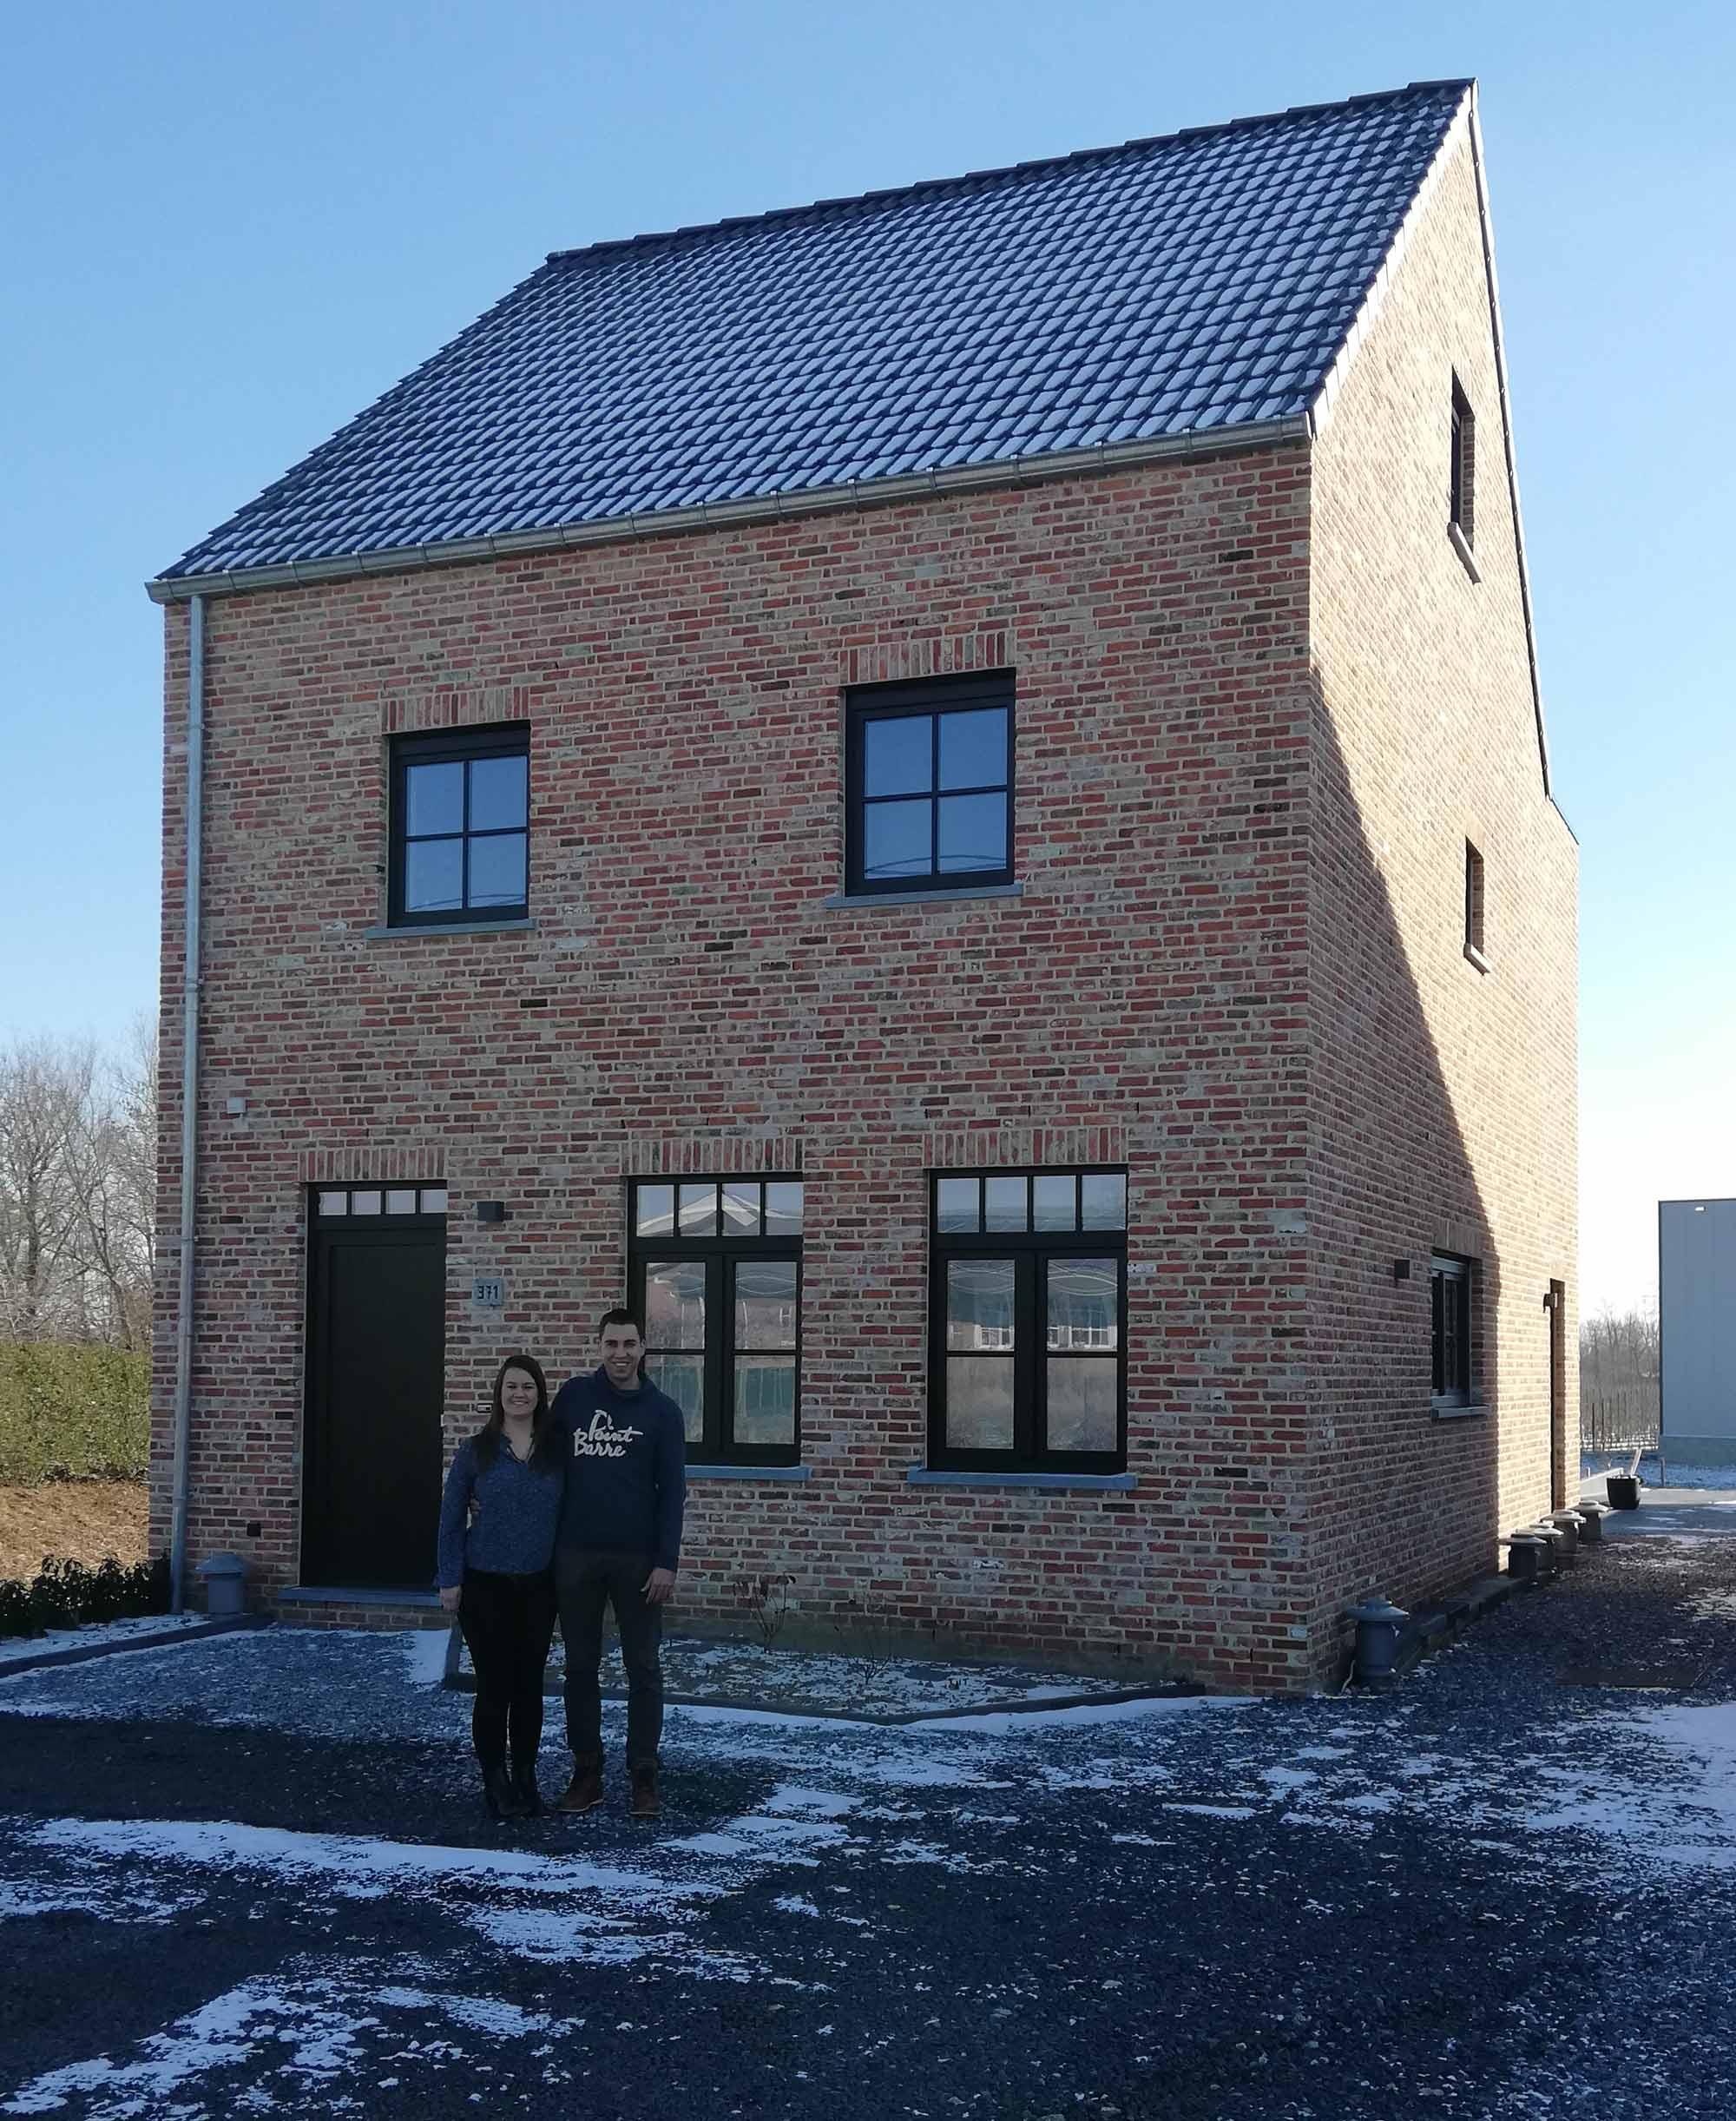 bouwbedrijf-bouwadvies-testimonial-ervaring-Steenweg-3570-Alken-Rochus-Steyls-belgie